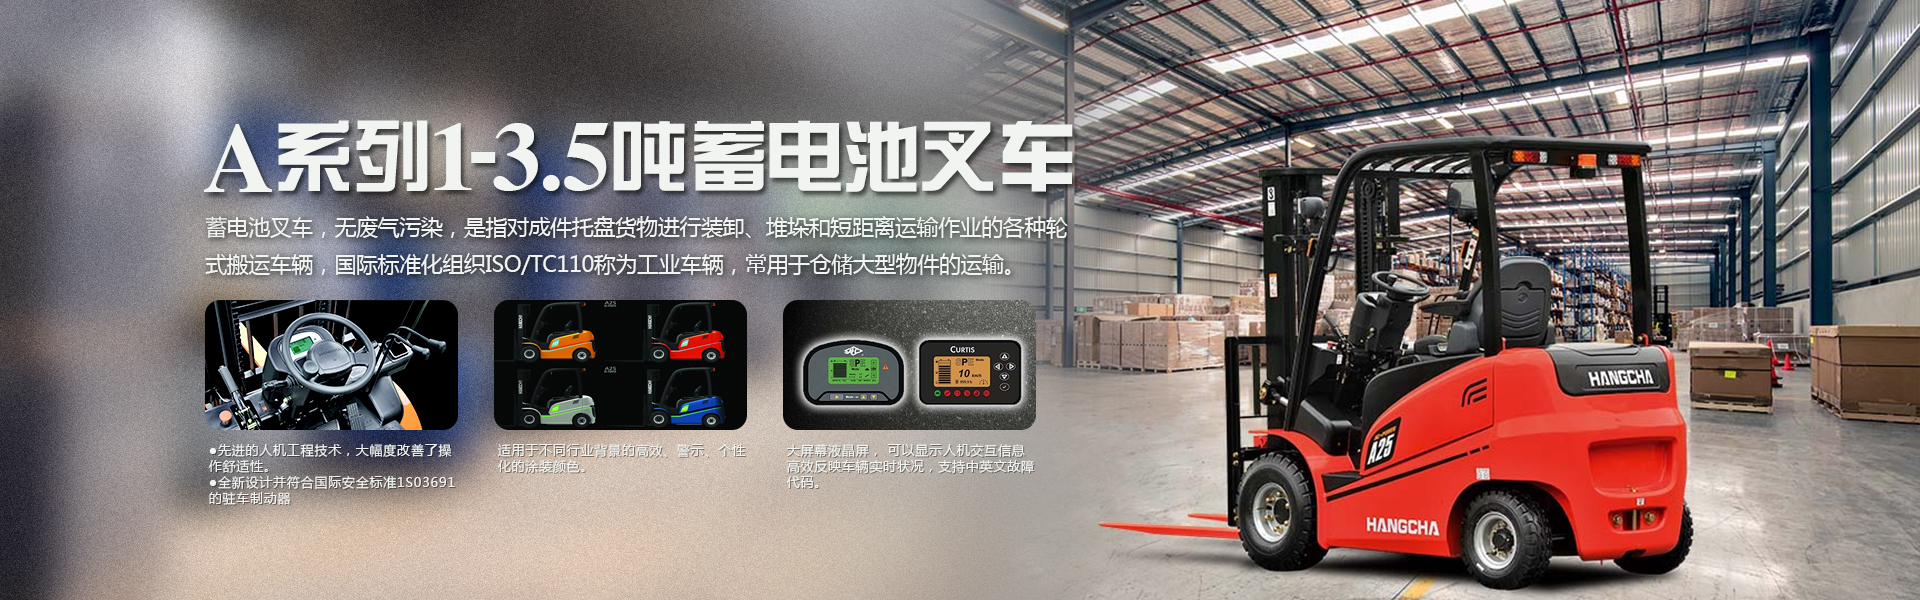 关于福州杭叉工程机械